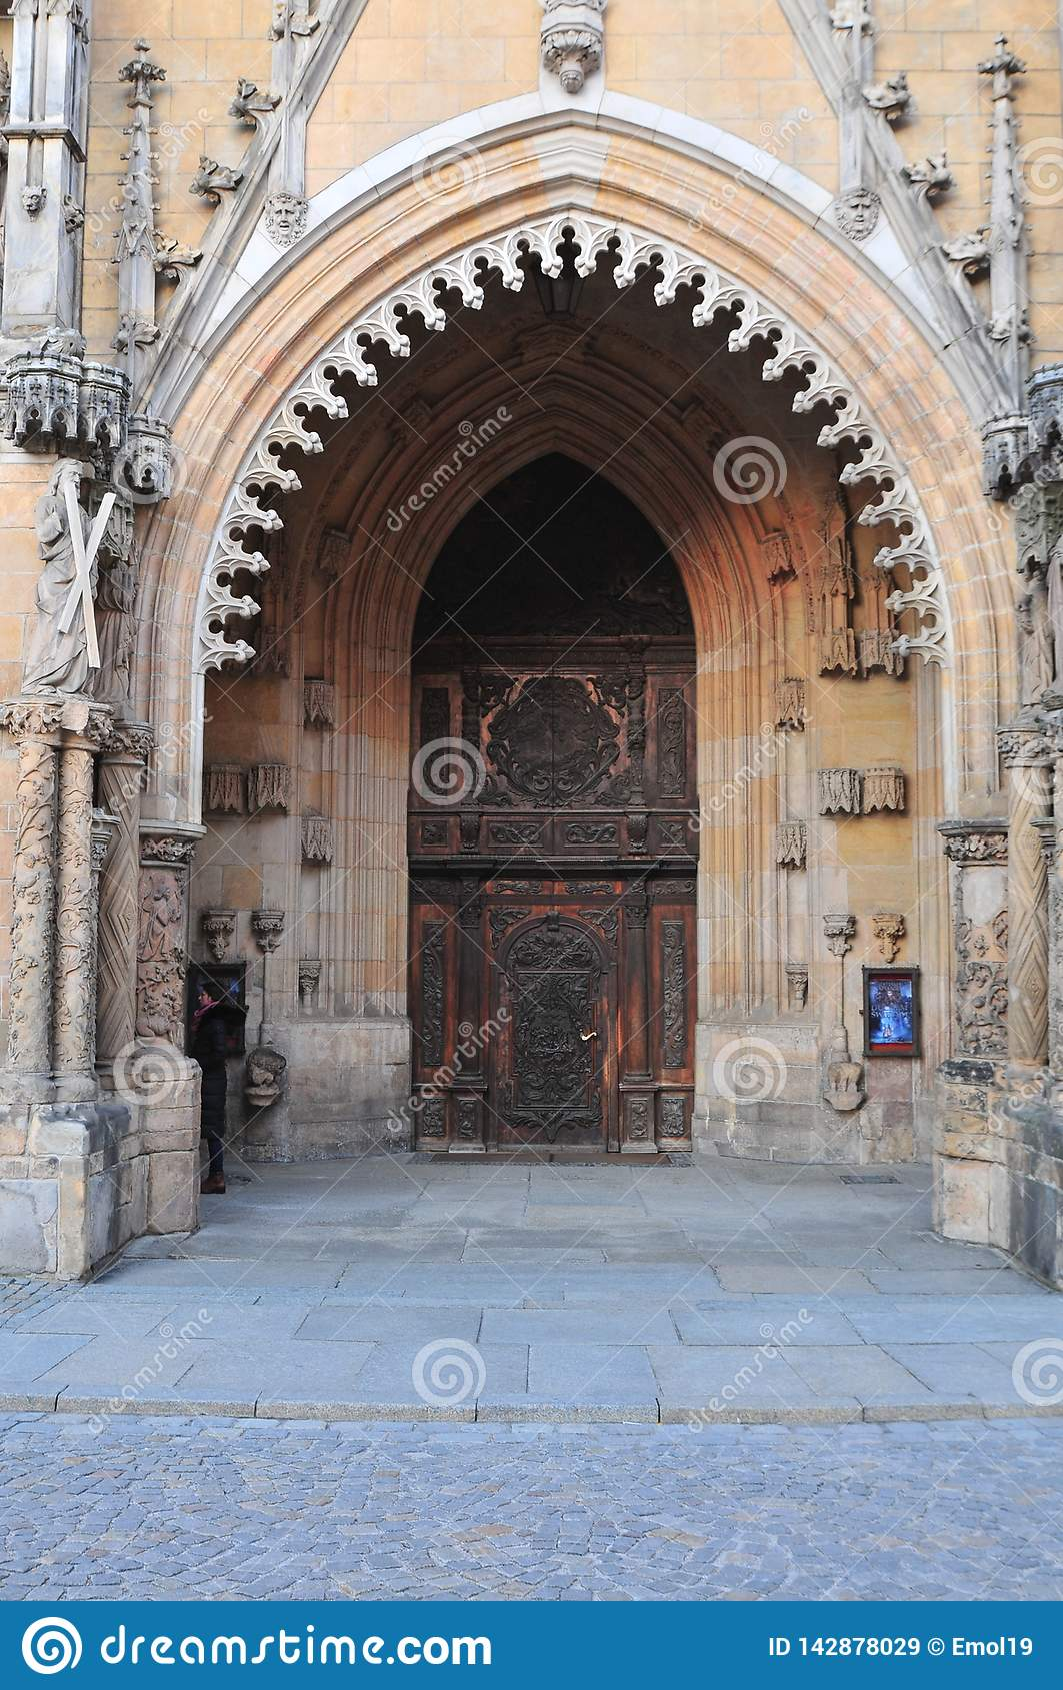 Entrée principale à la cathédrale de St John Baptist Archikatedra Sw Jana Chrzciciela